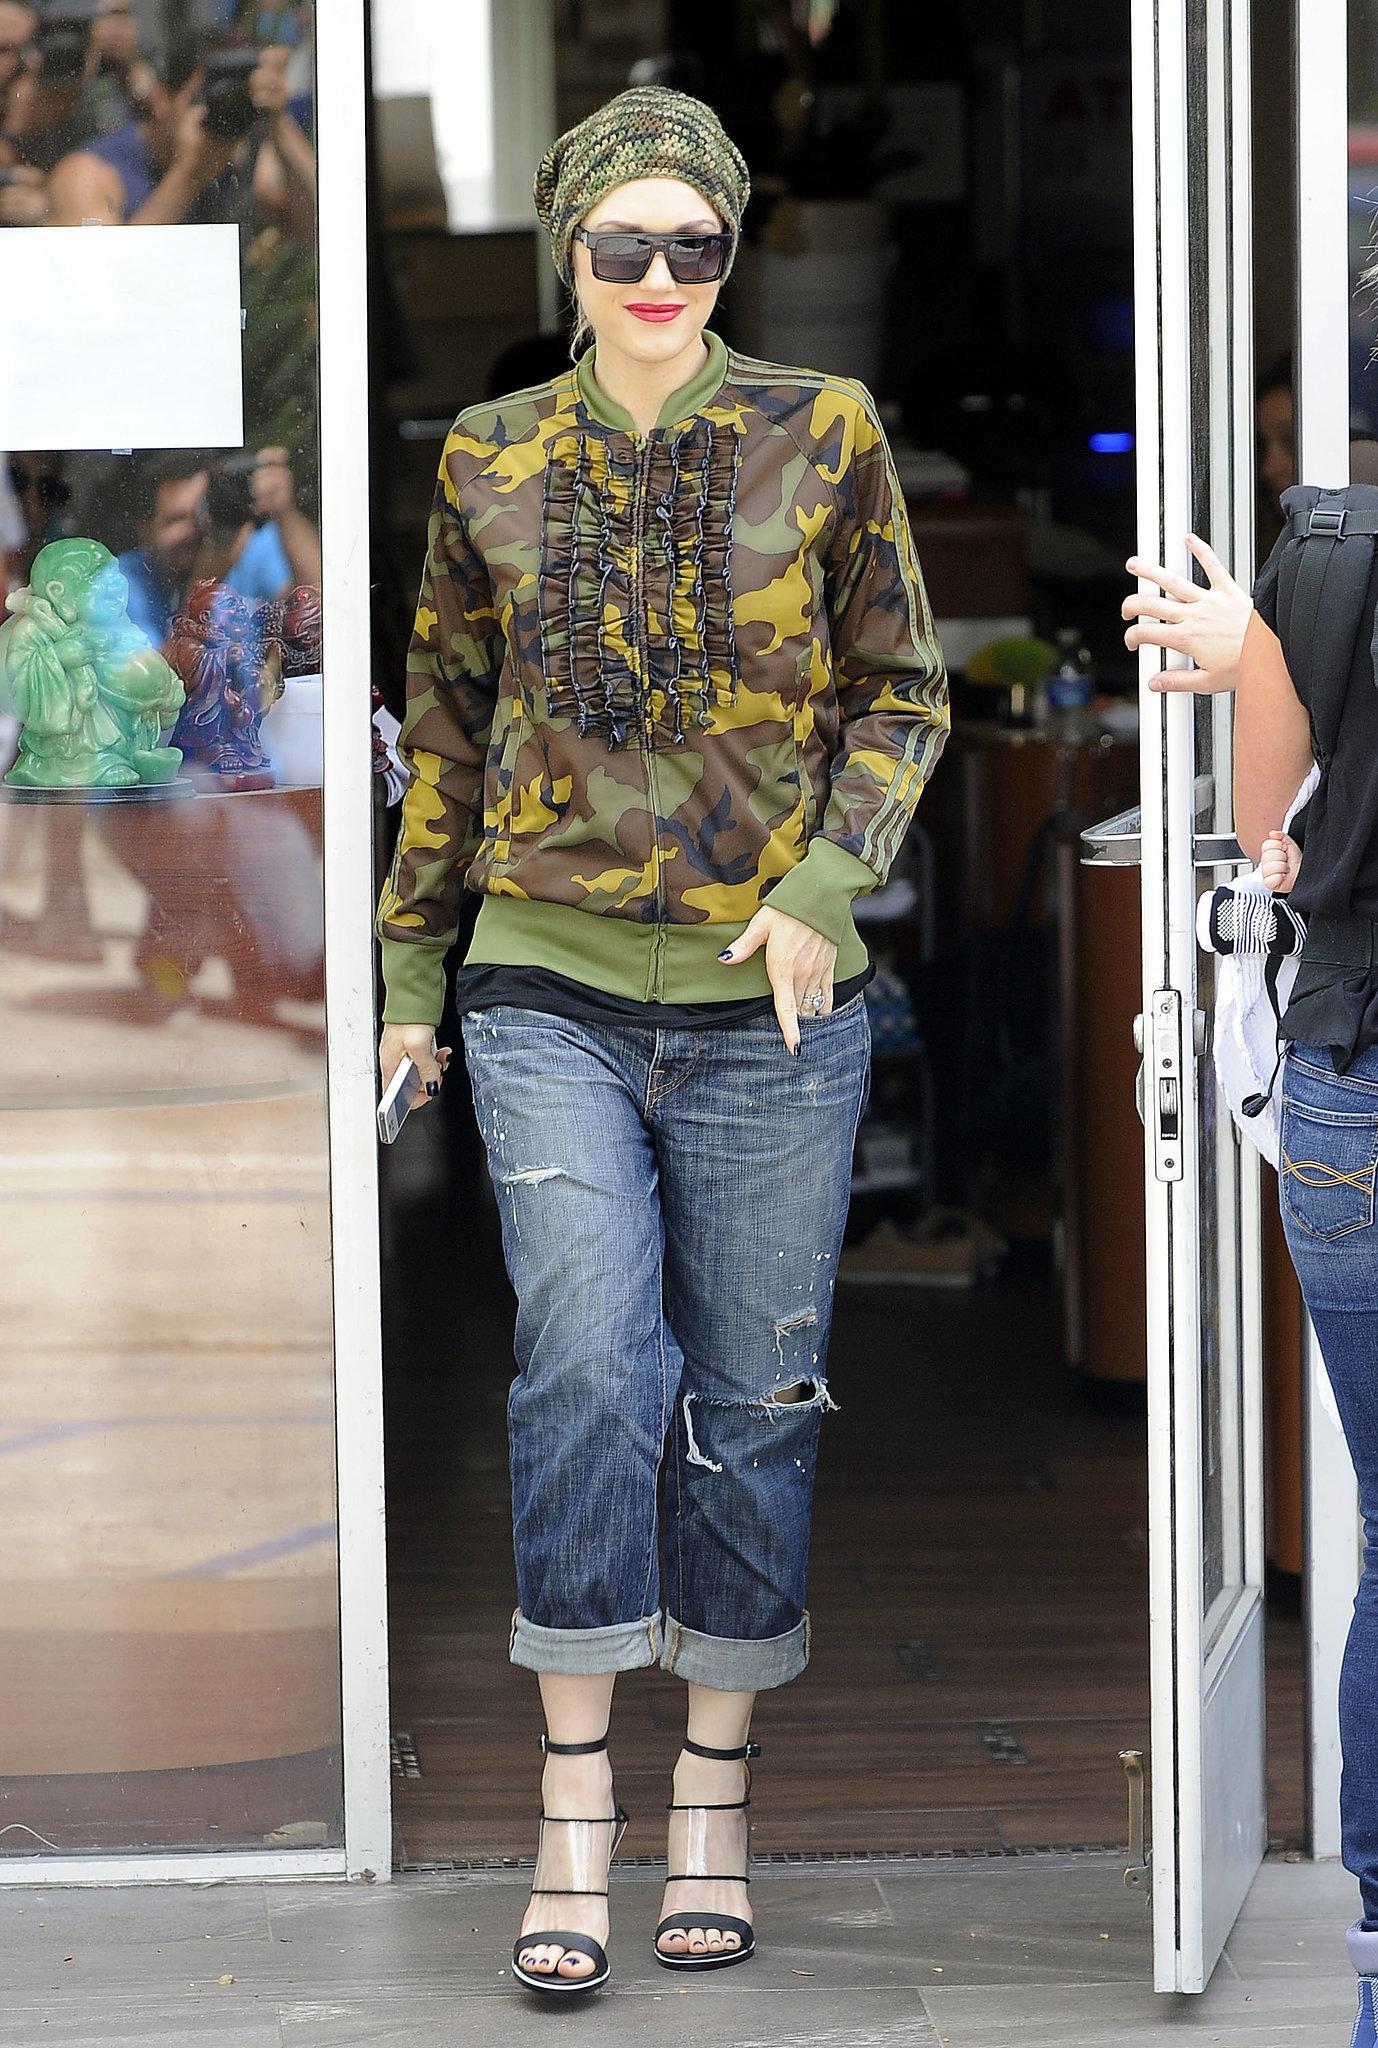 On Friday, Gwen Stefani ran errands around LA.